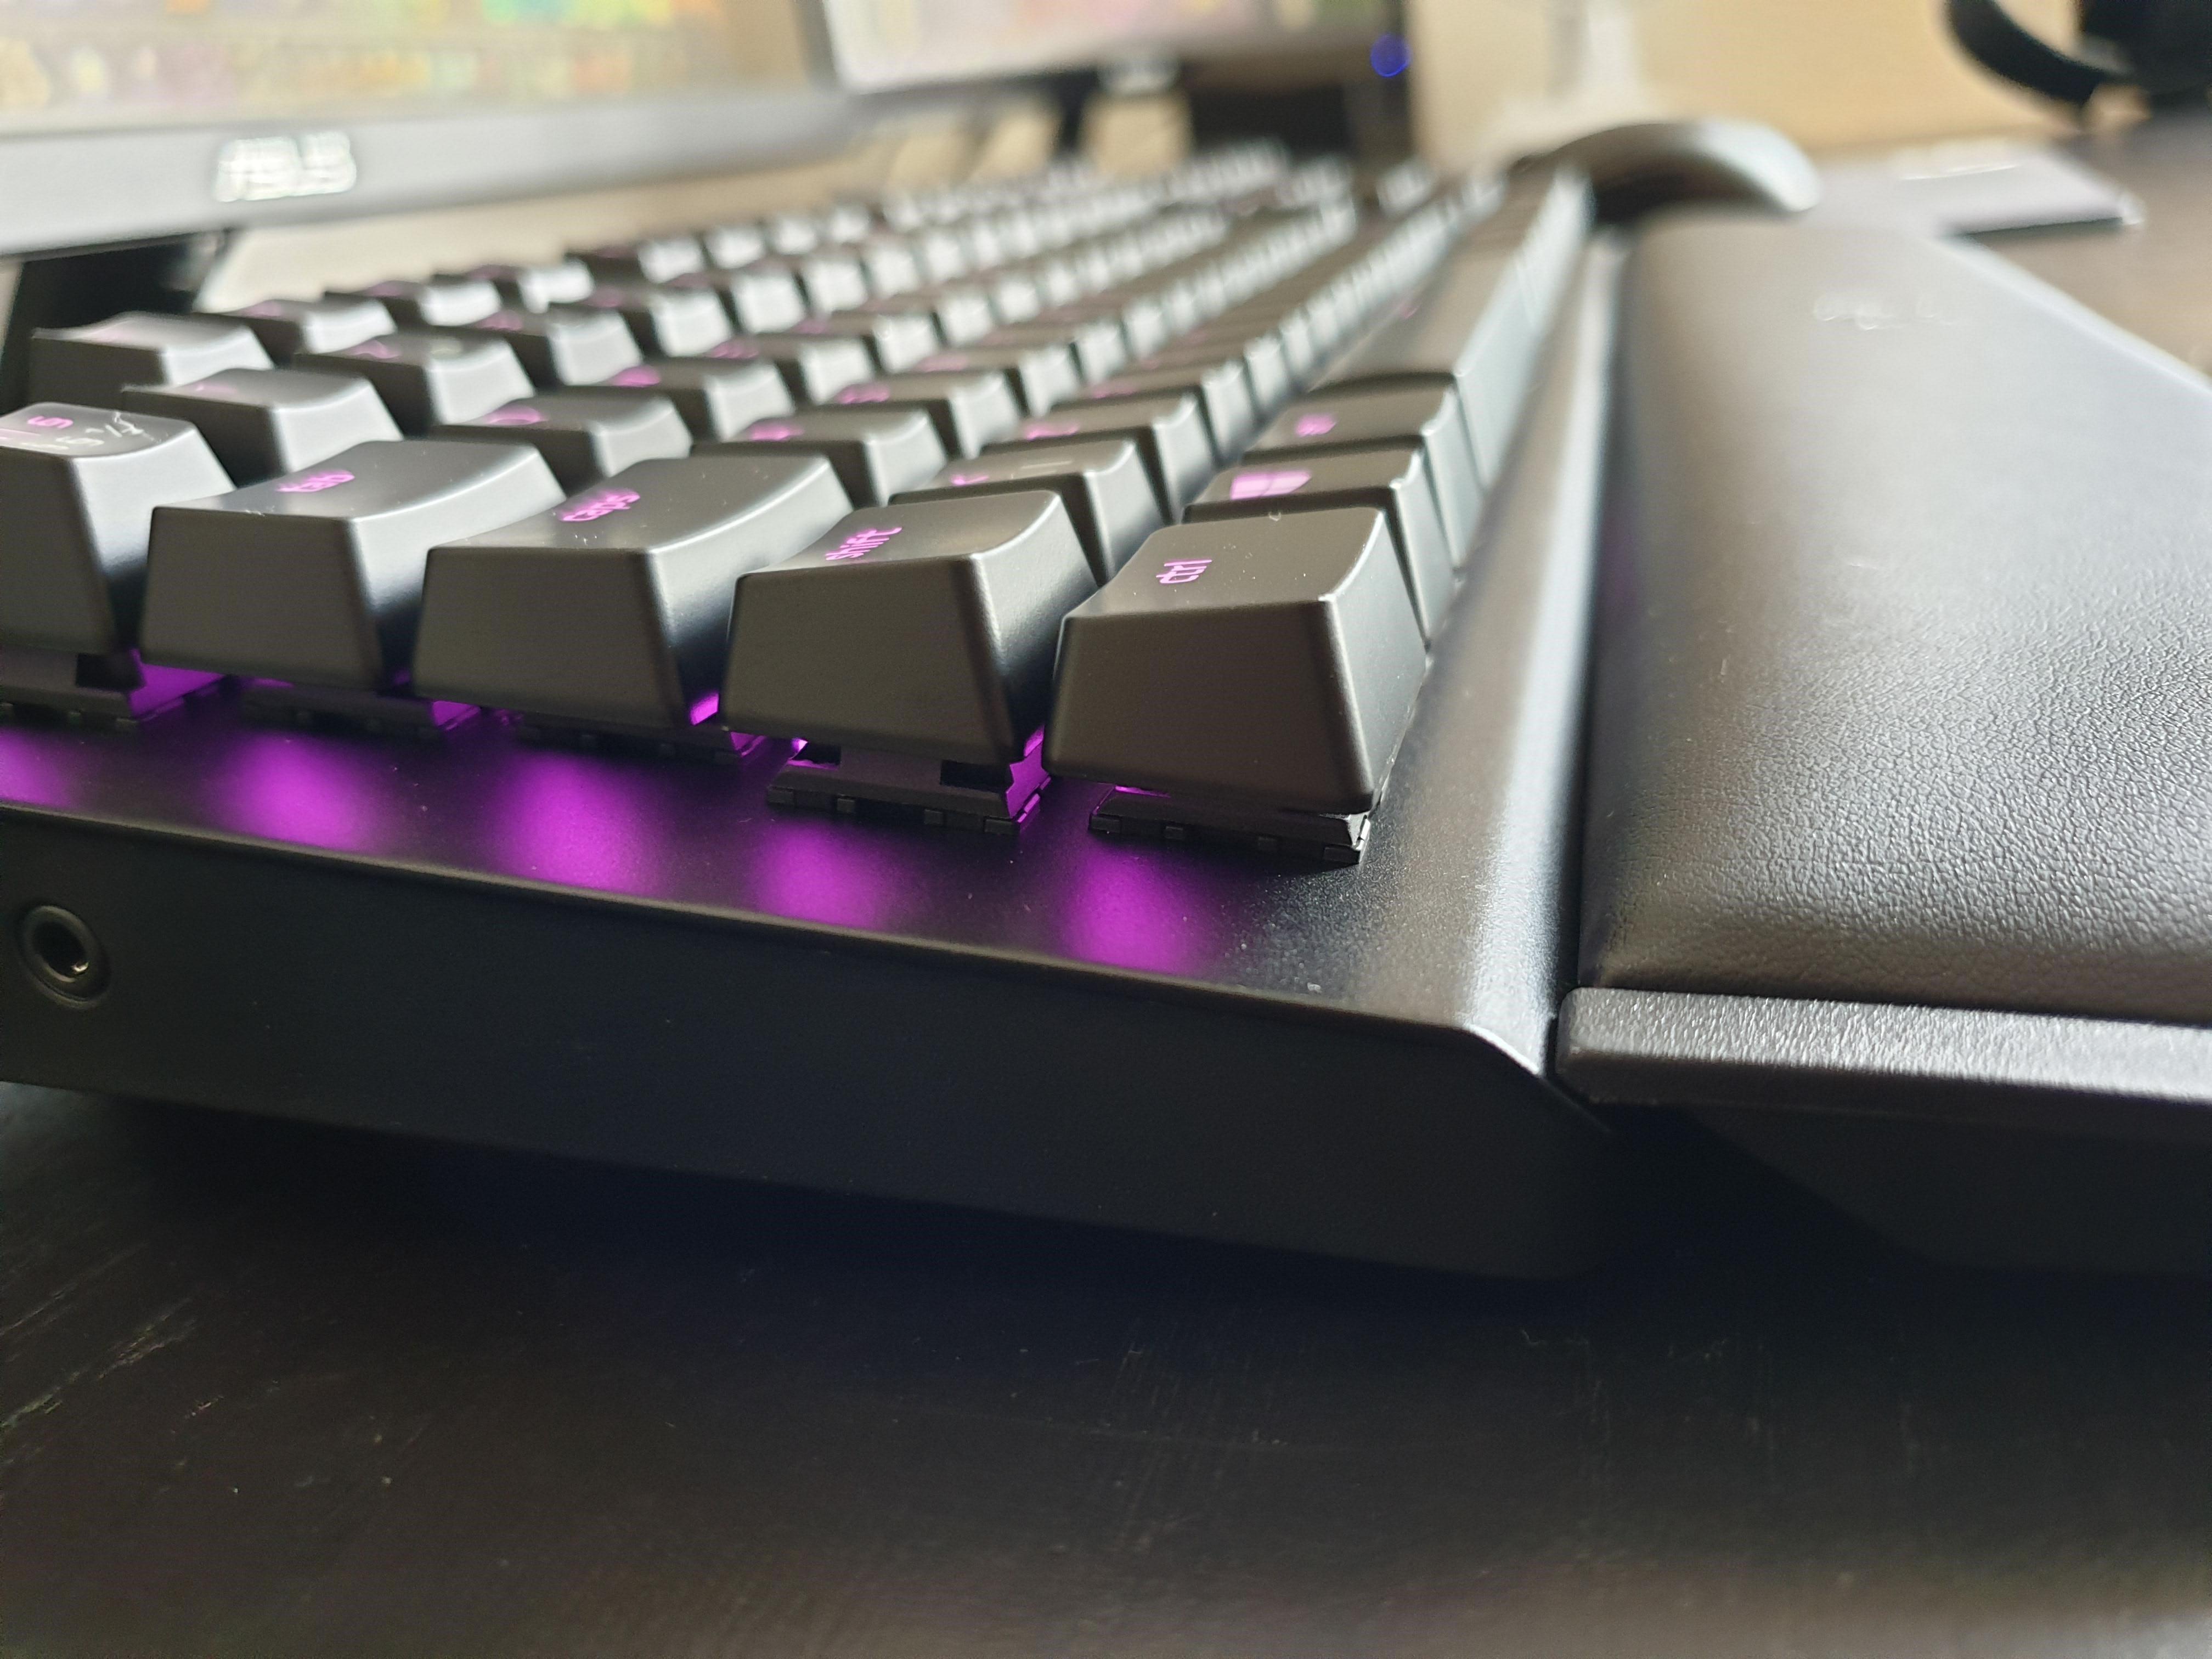 Image of Razer Blackwidow Elite mechanical keyboard